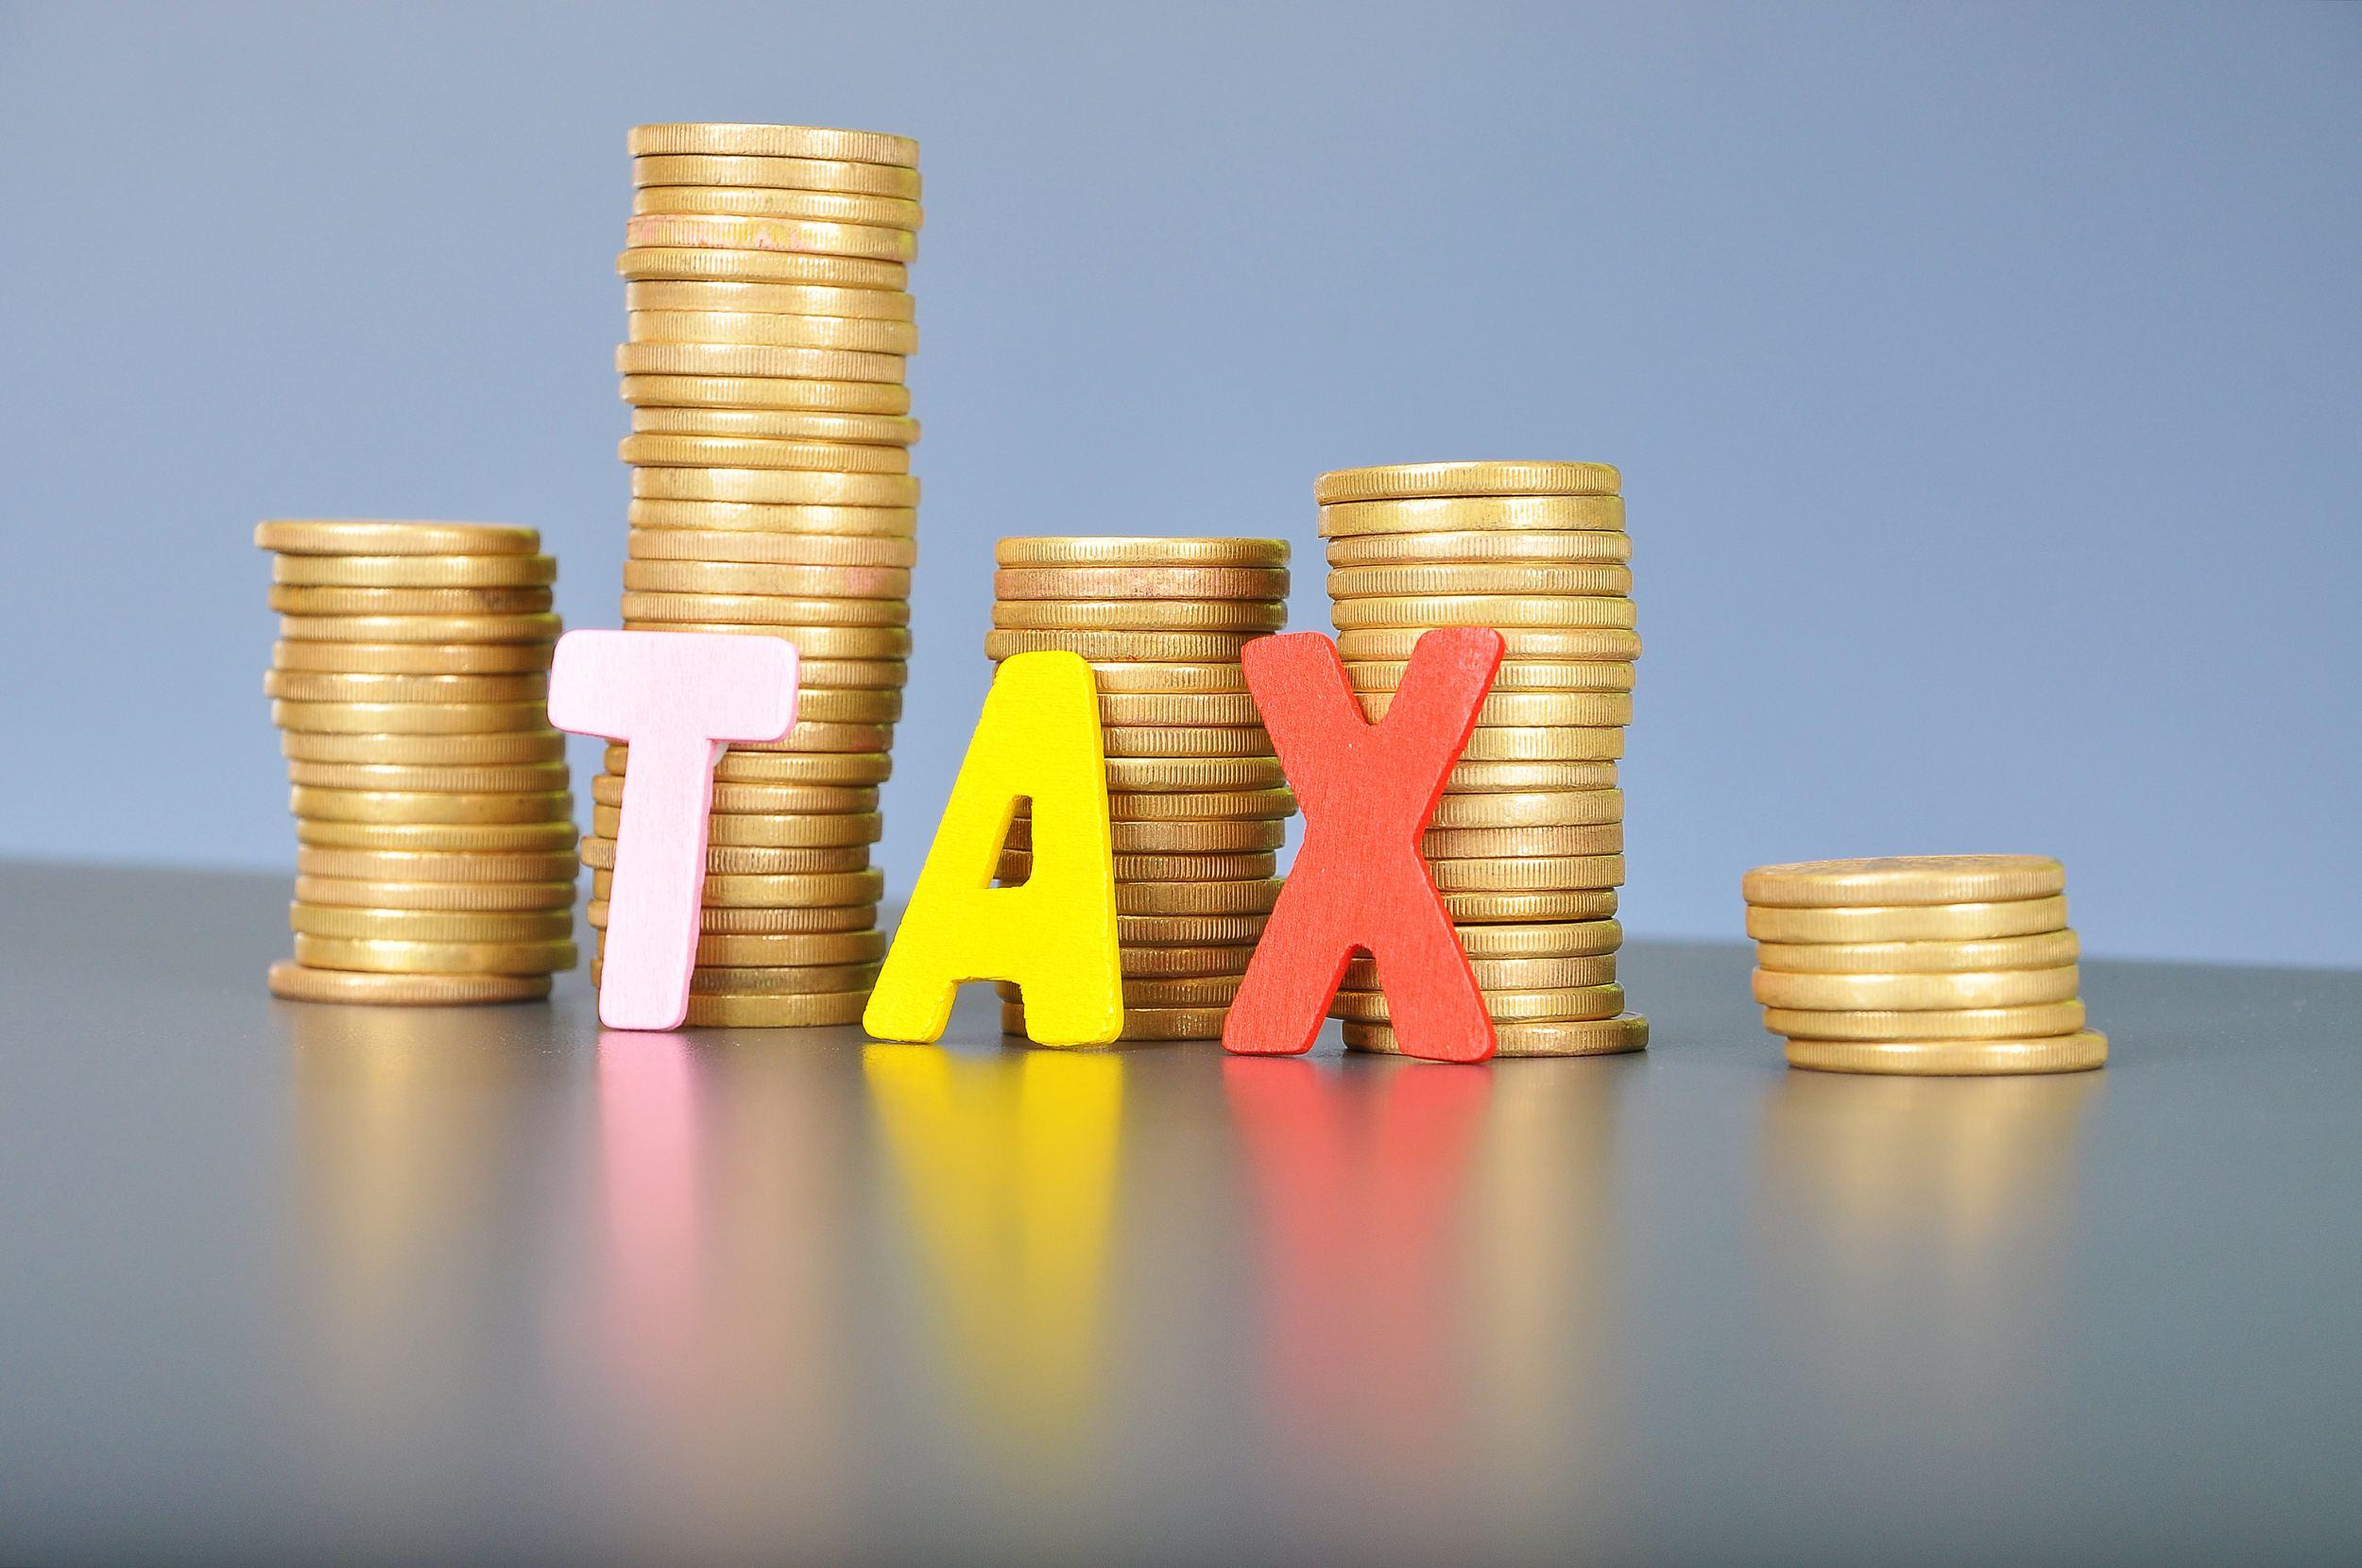 國務院降低小微企業融資實際利率